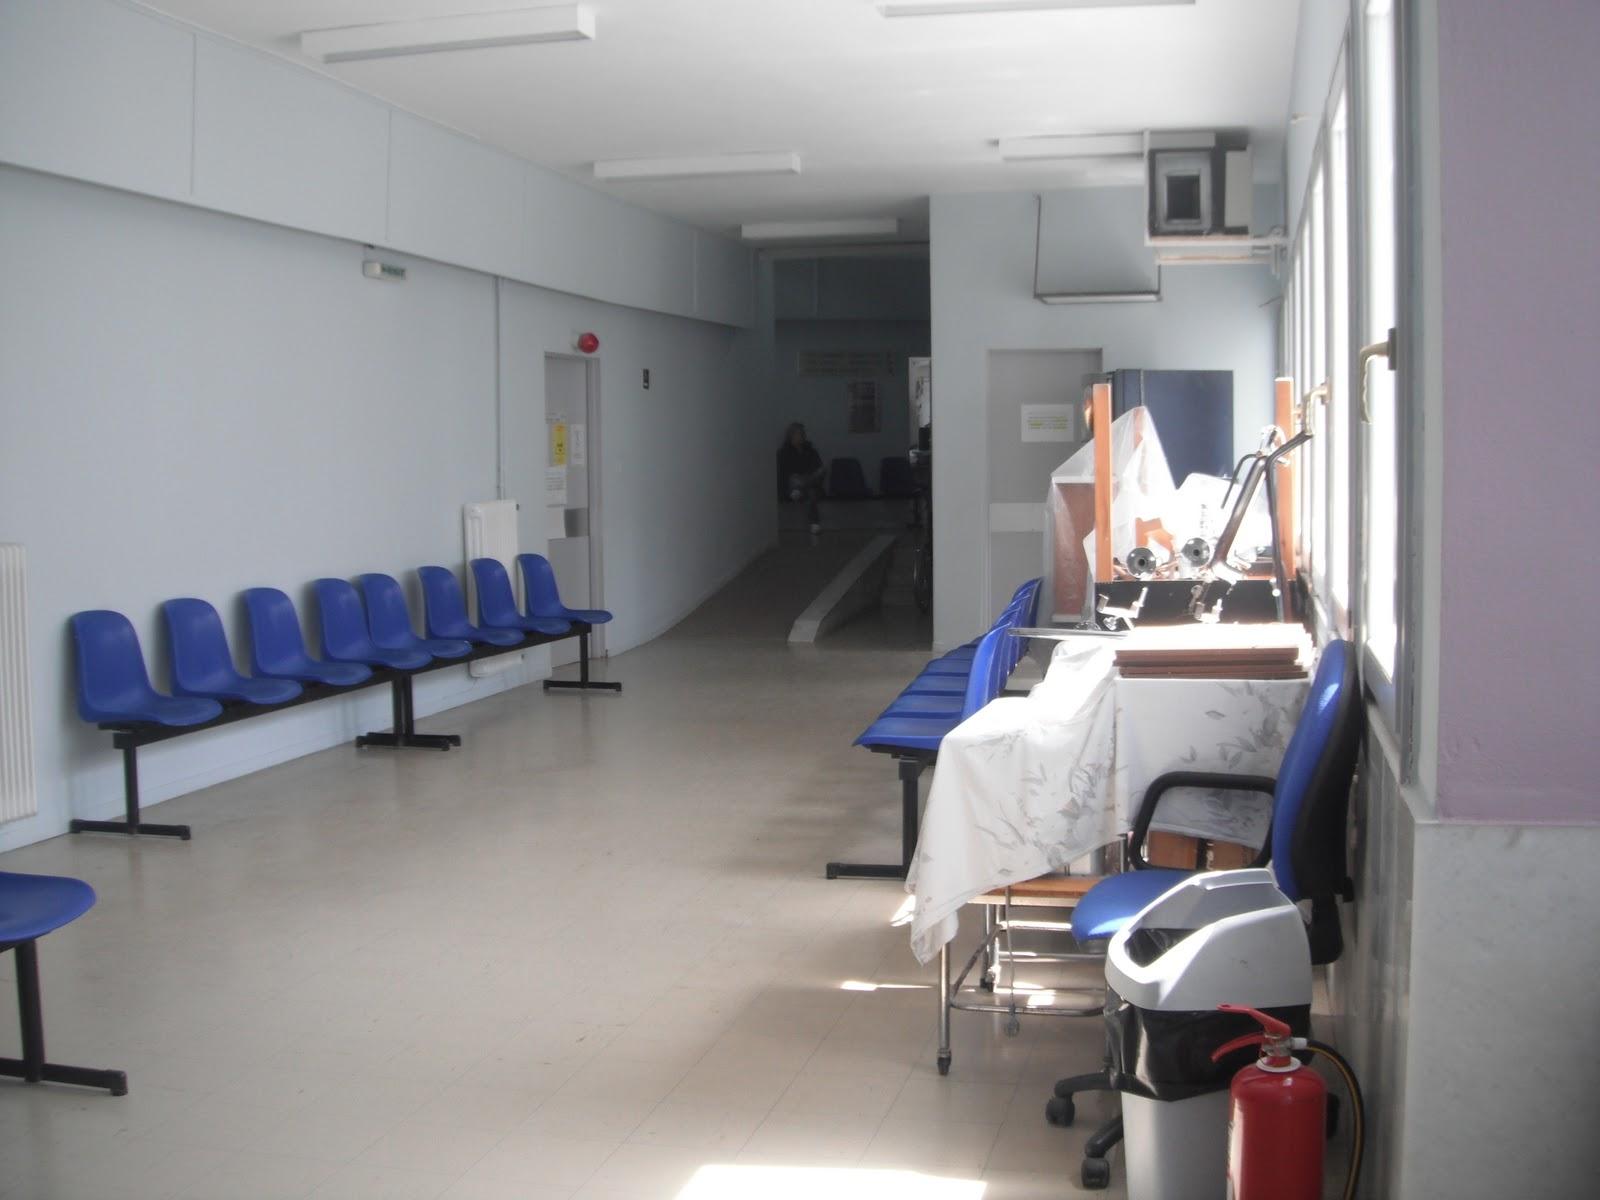 Ενισχύονται με γιατρούς Κέντρα Υγείας στην Χαλκιδική